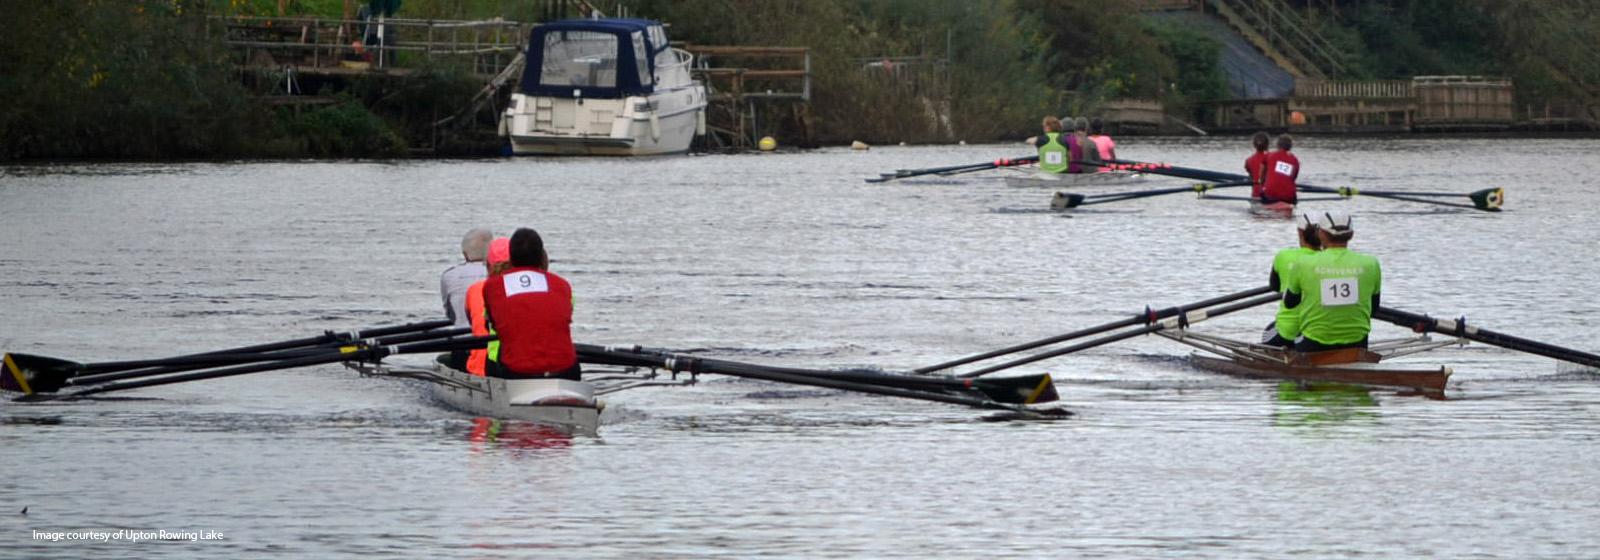 Upton Water Sports Lake